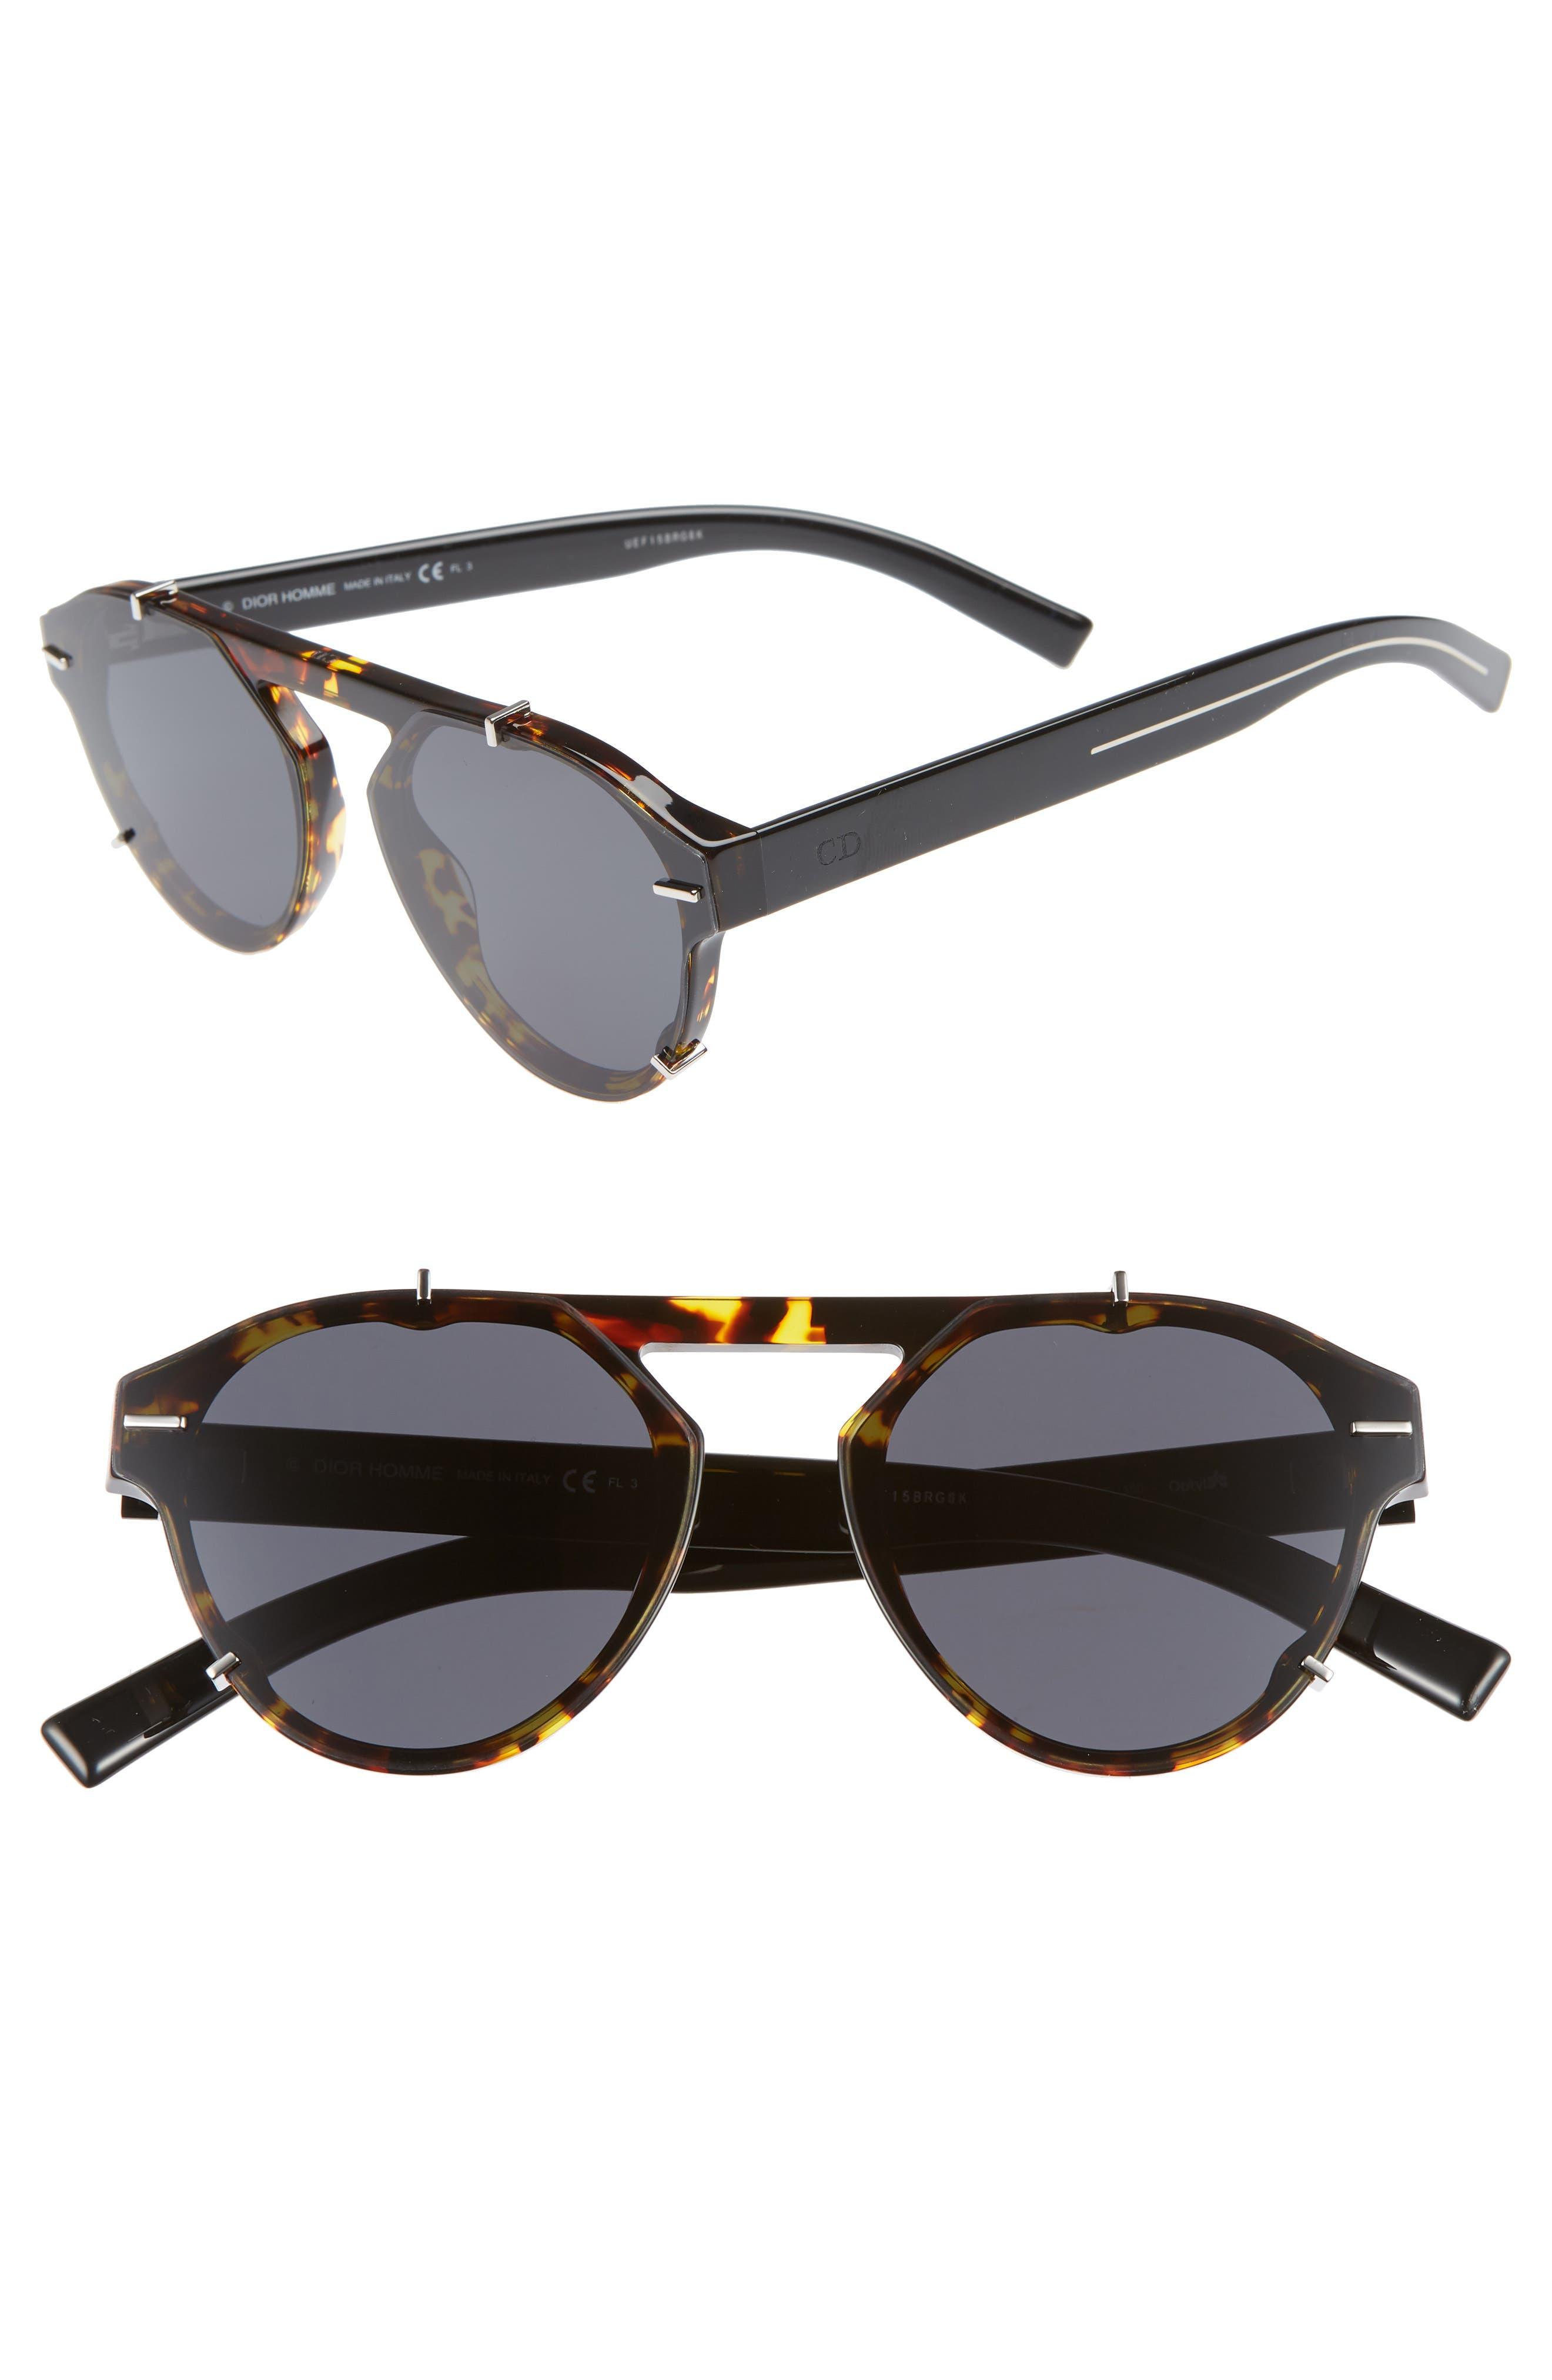 7afada3d64f3 Men s Dior Sunglasses   Eyeglasses